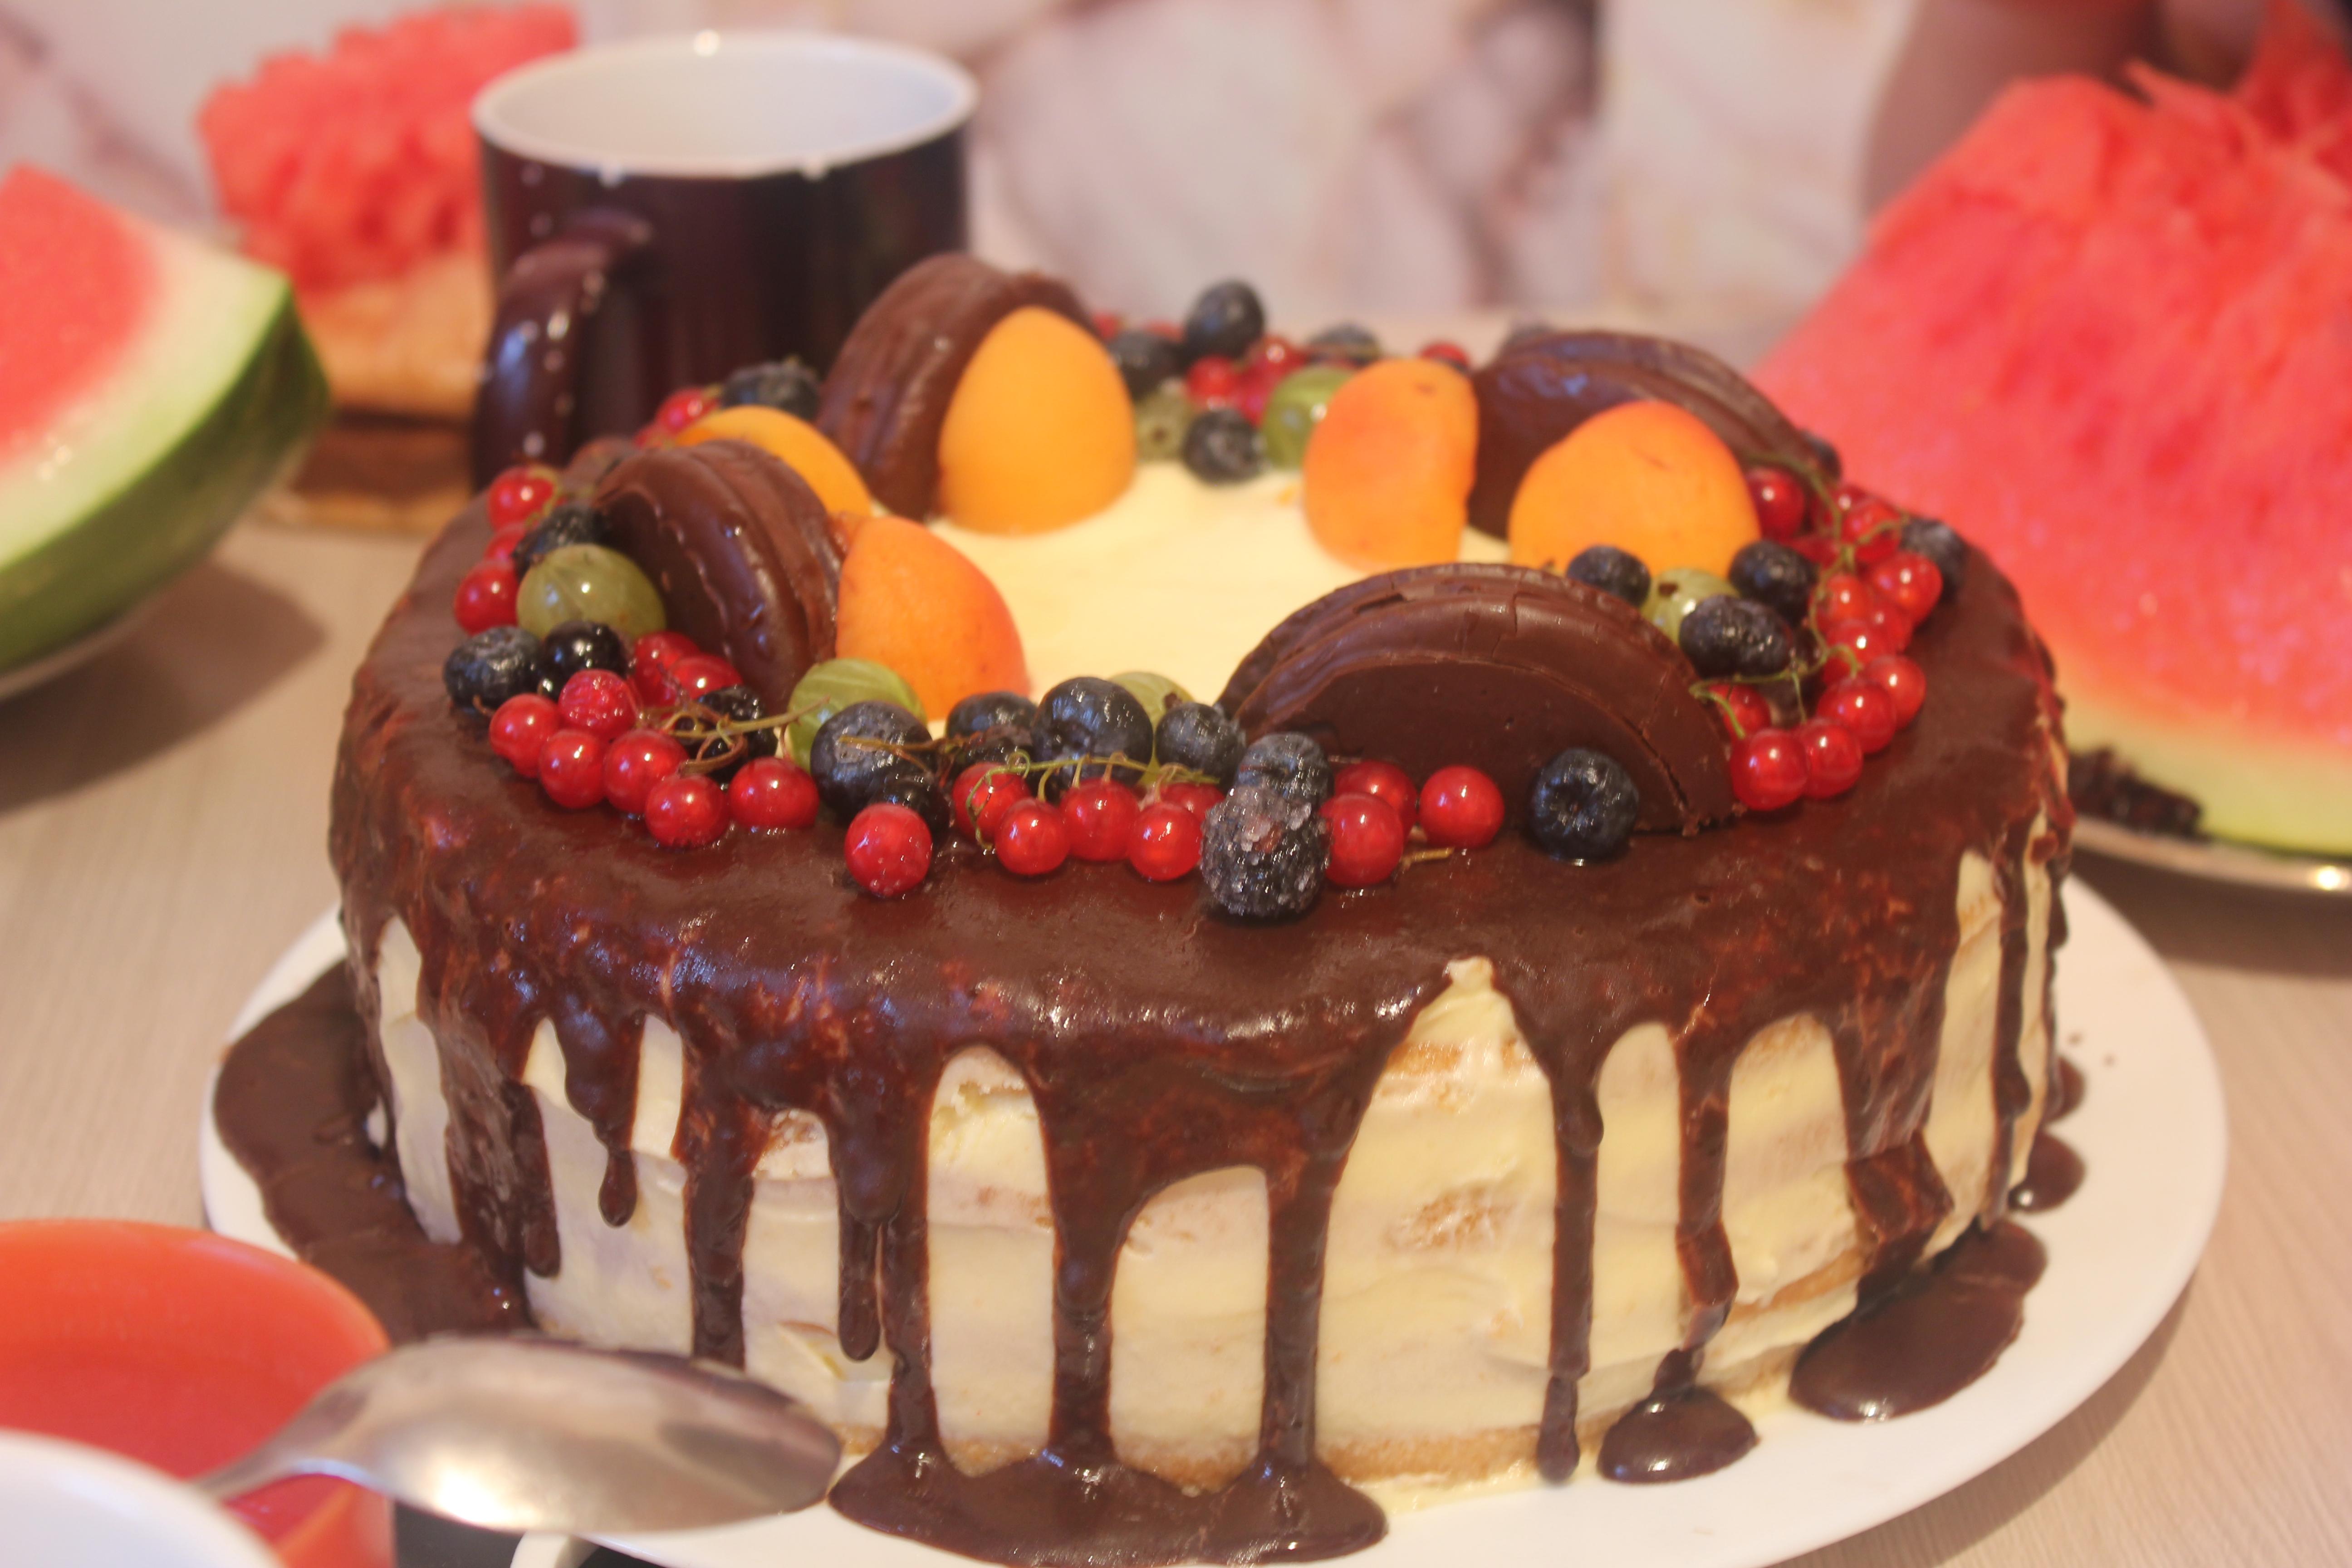 рецепт тортов в домашних условиях с фото пошагово на день рождения